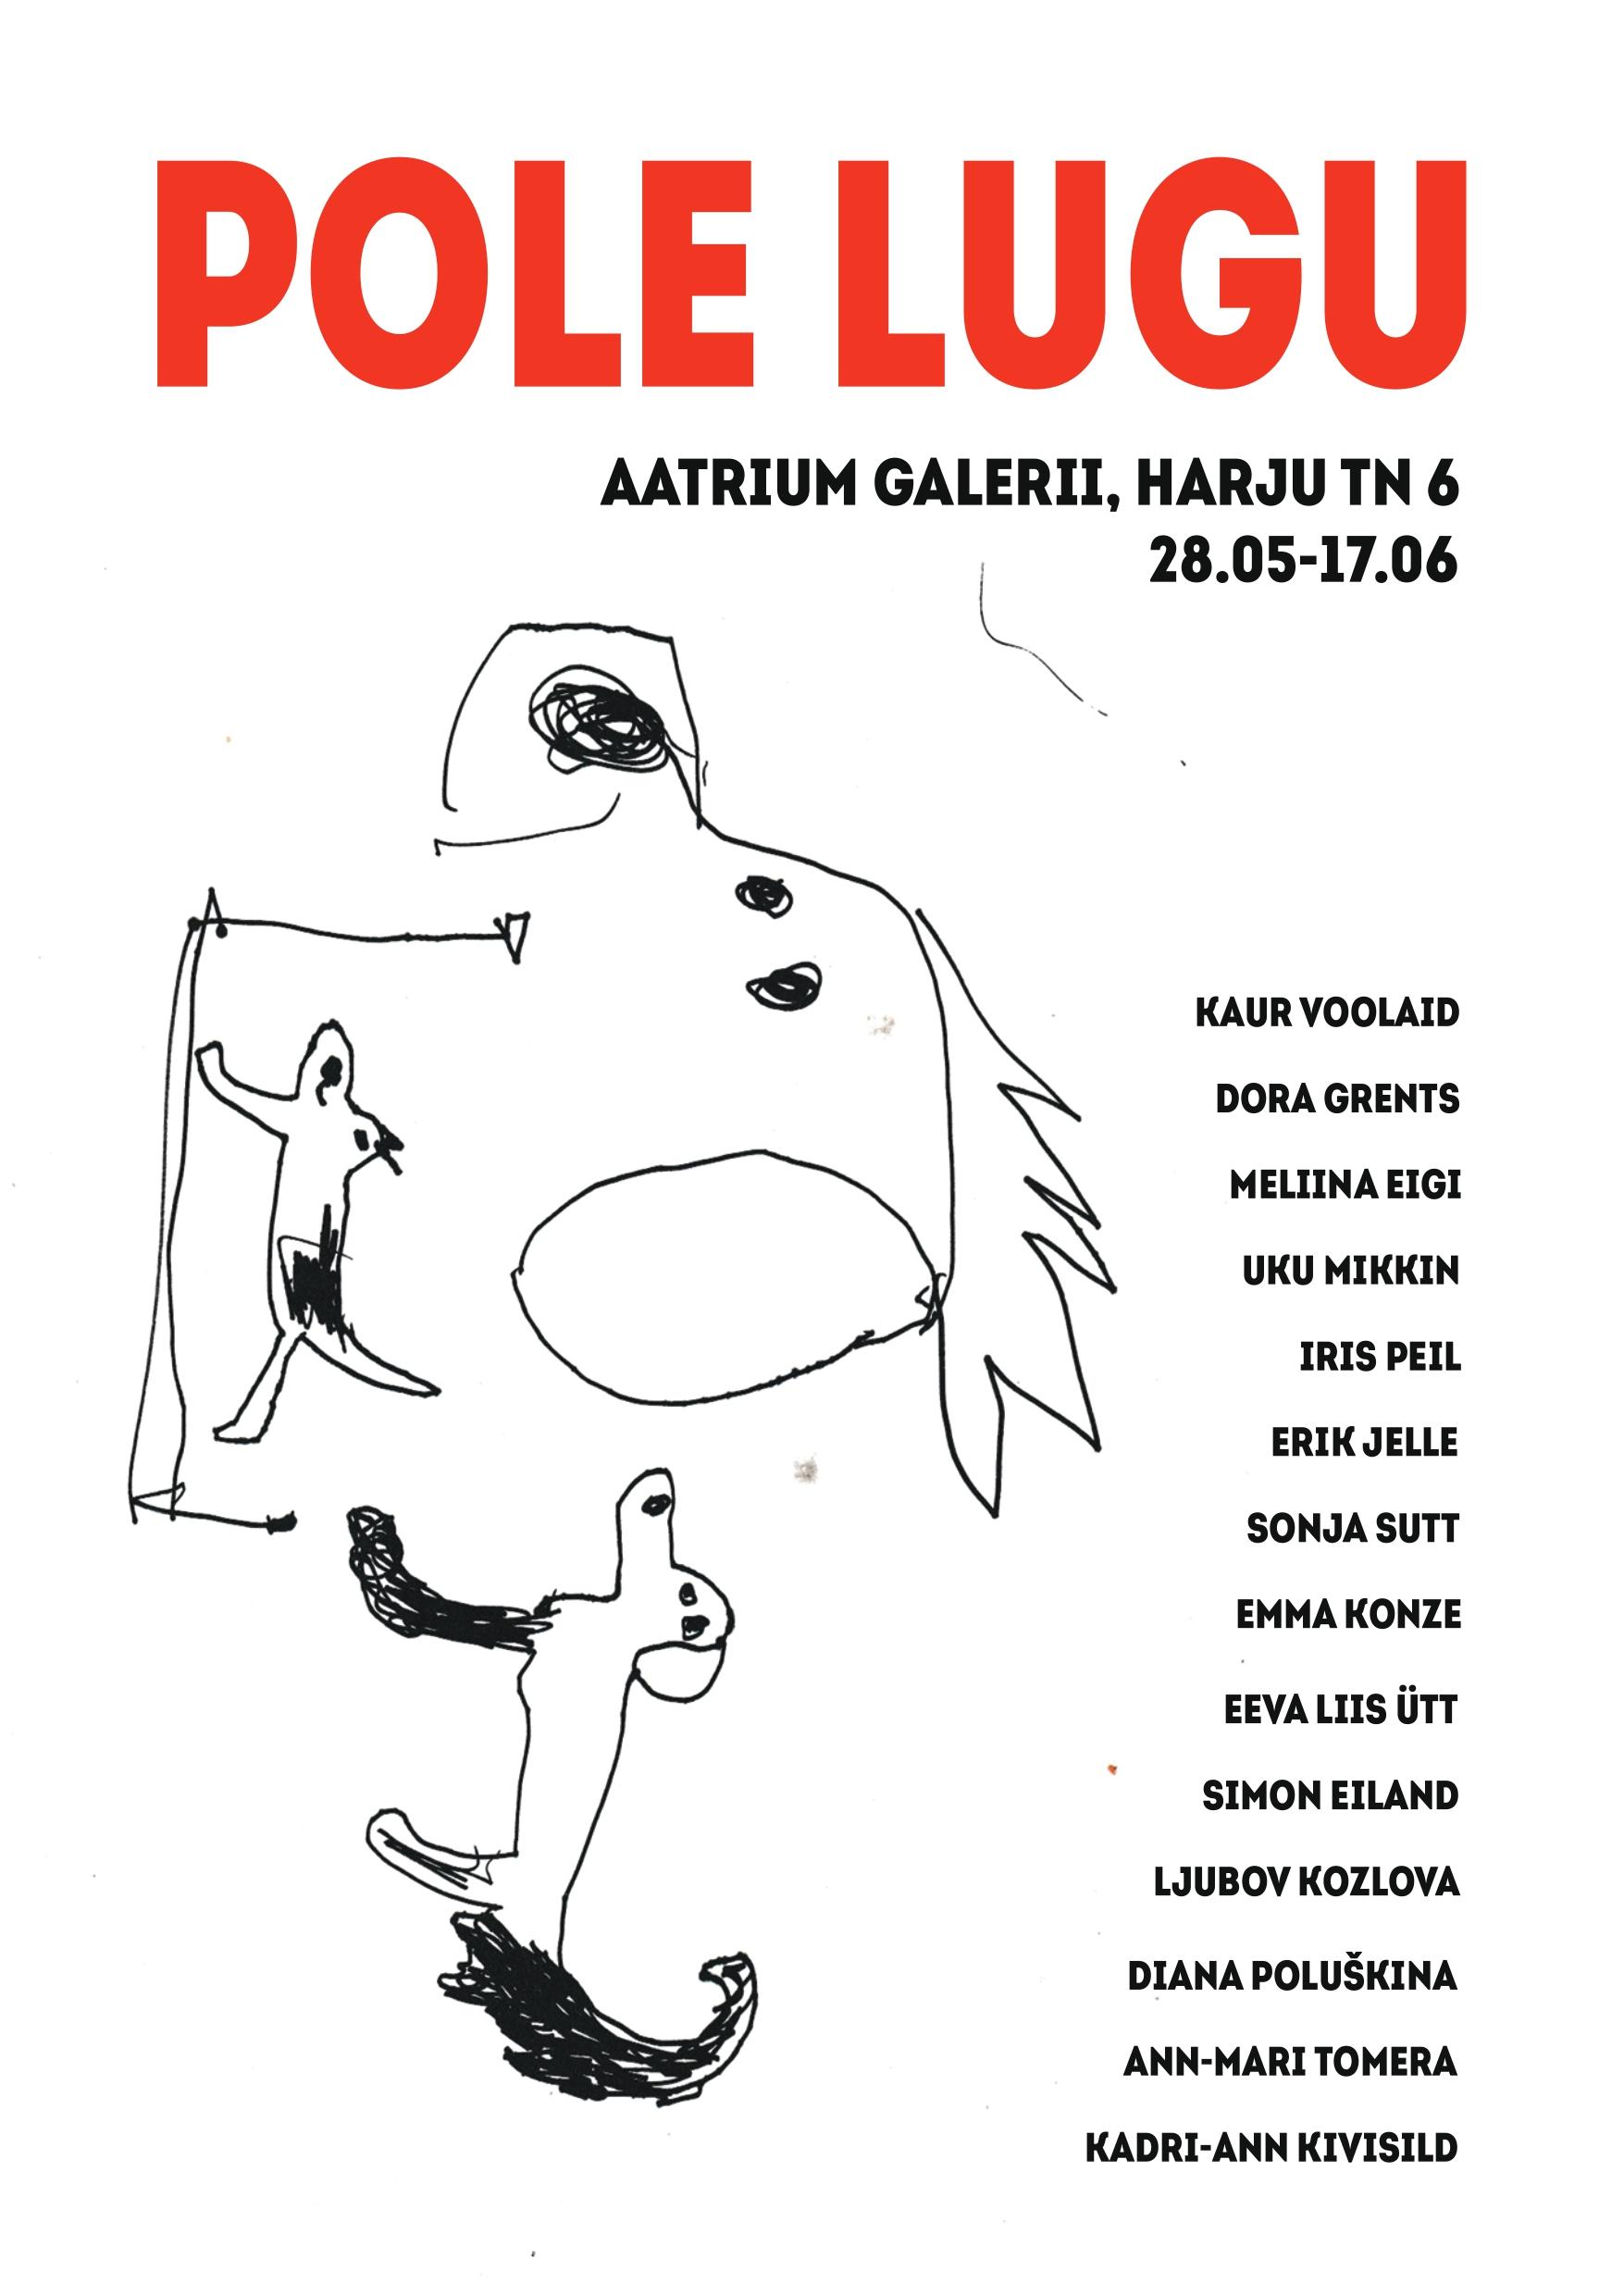 VHK Kunstikooli lõputööde näitus on avatud Aatrium Galeriis Harju tn 6. Näitus on avatud 28.05-17.06 E-R 10-19.00